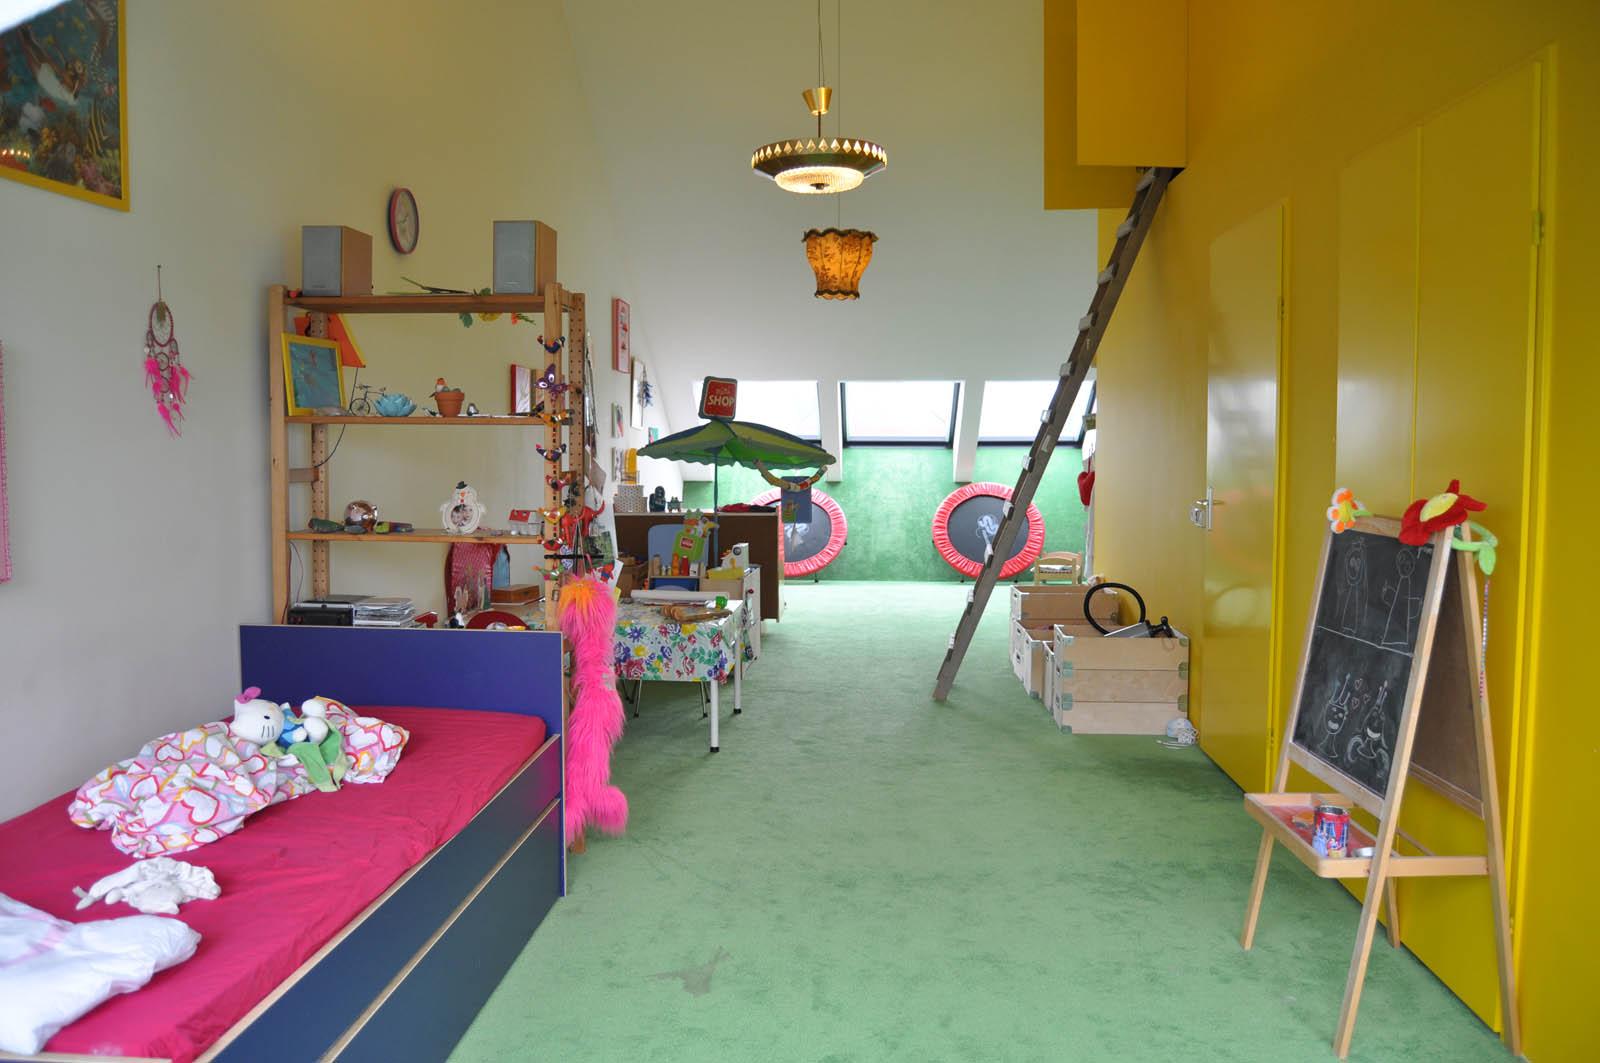 Playroom, Ripperda kazerne, by Jeroen de Nijs